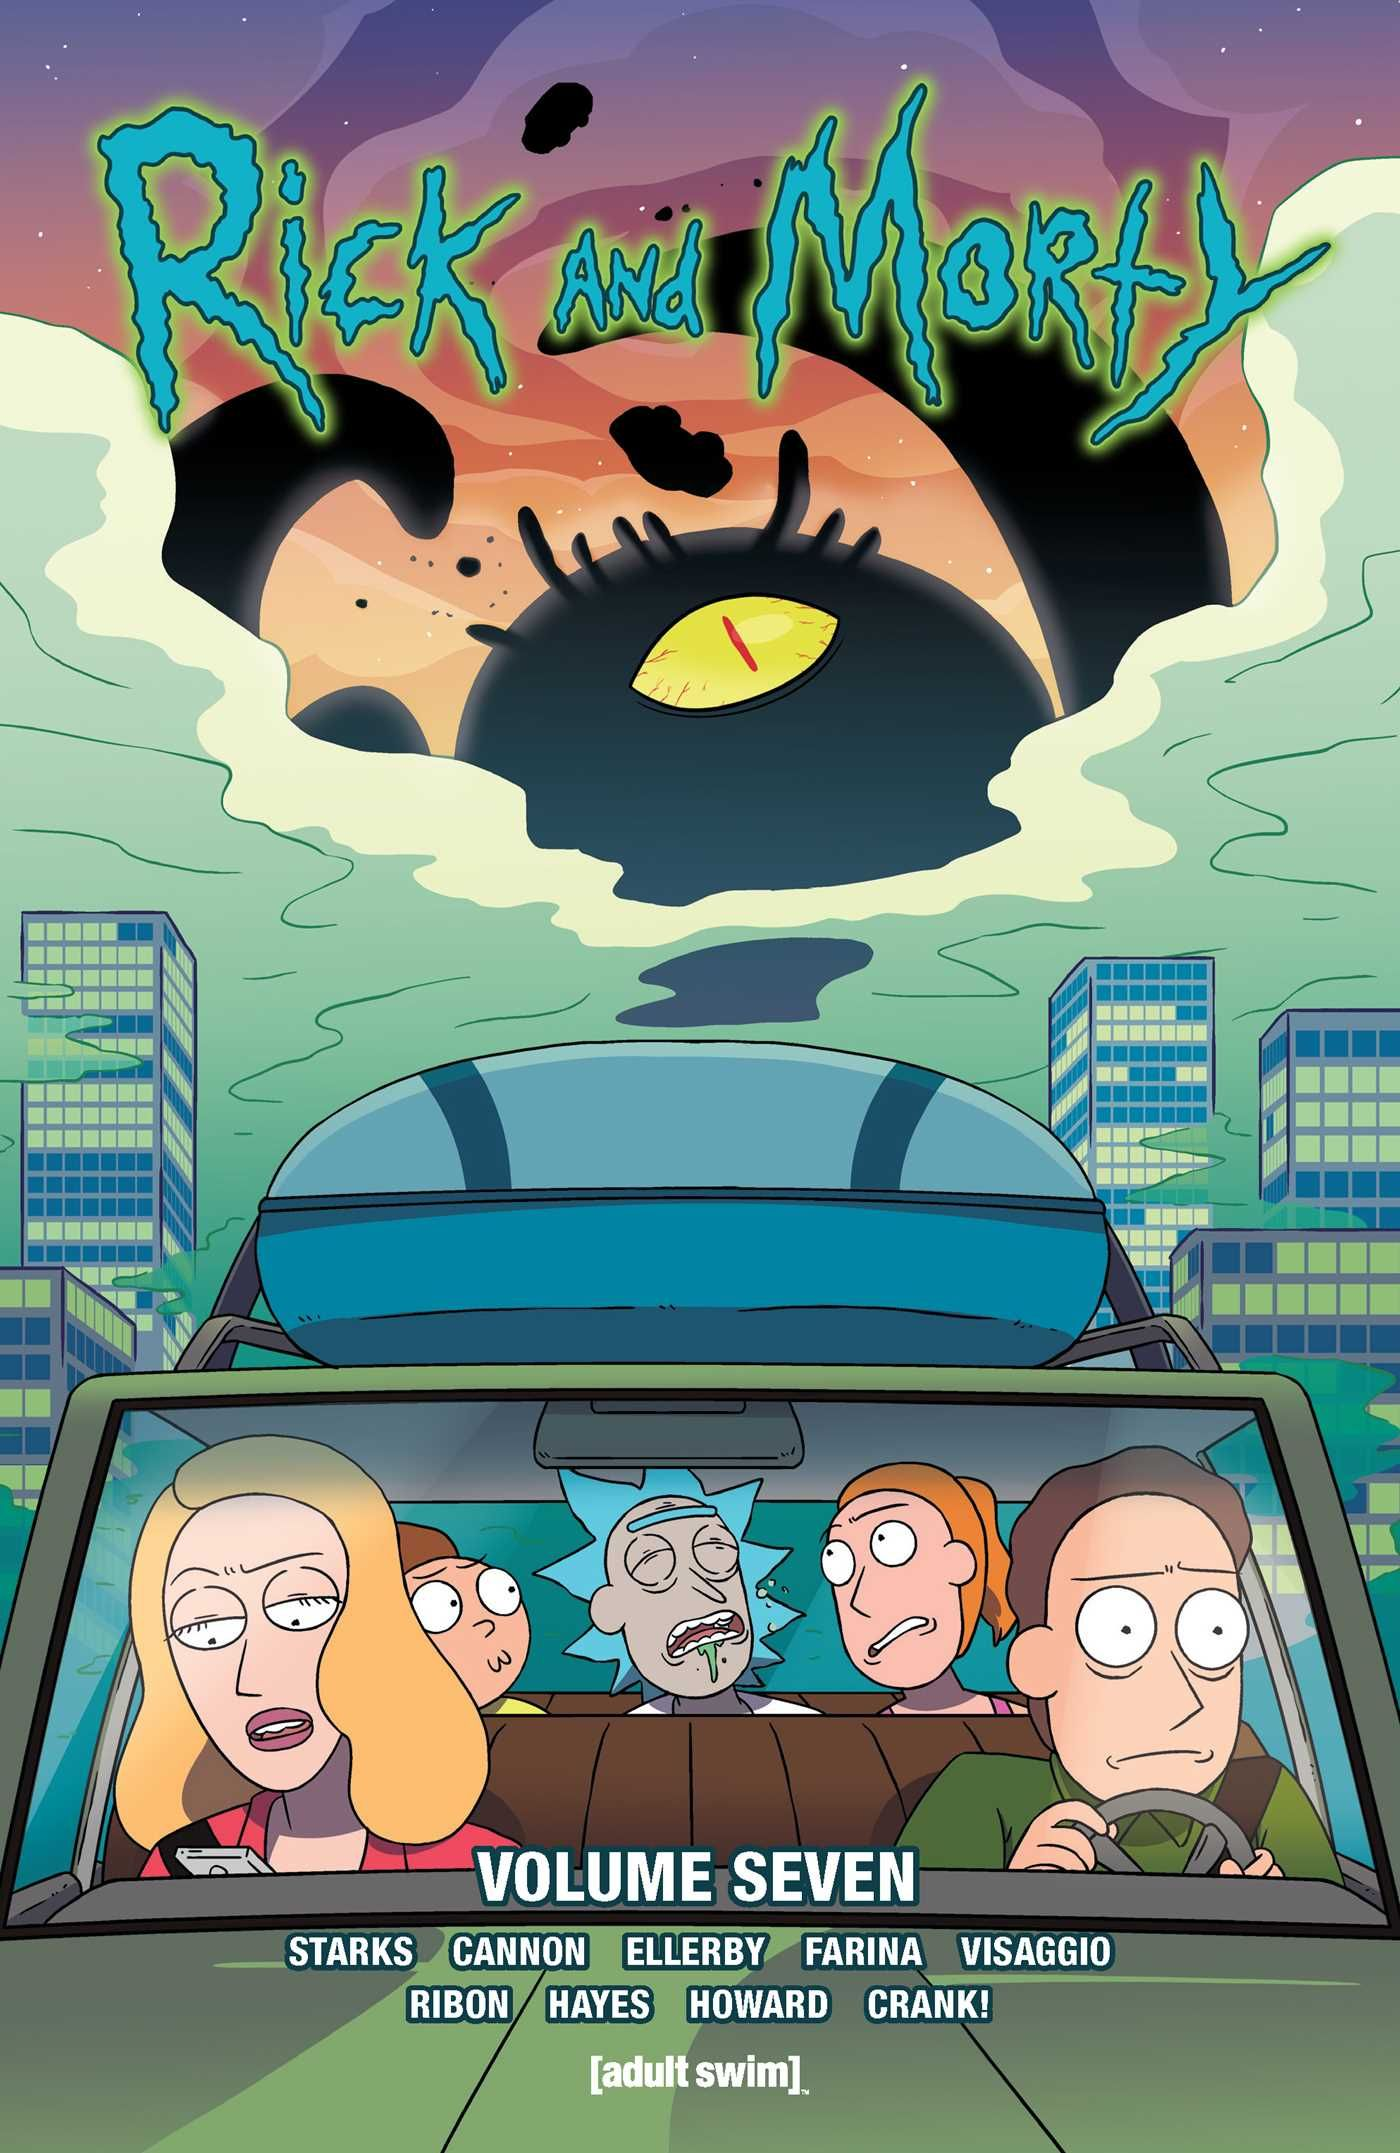 Rick And Morty Comics Volume 7 Comics Rickandmorty Vol7 Ad S